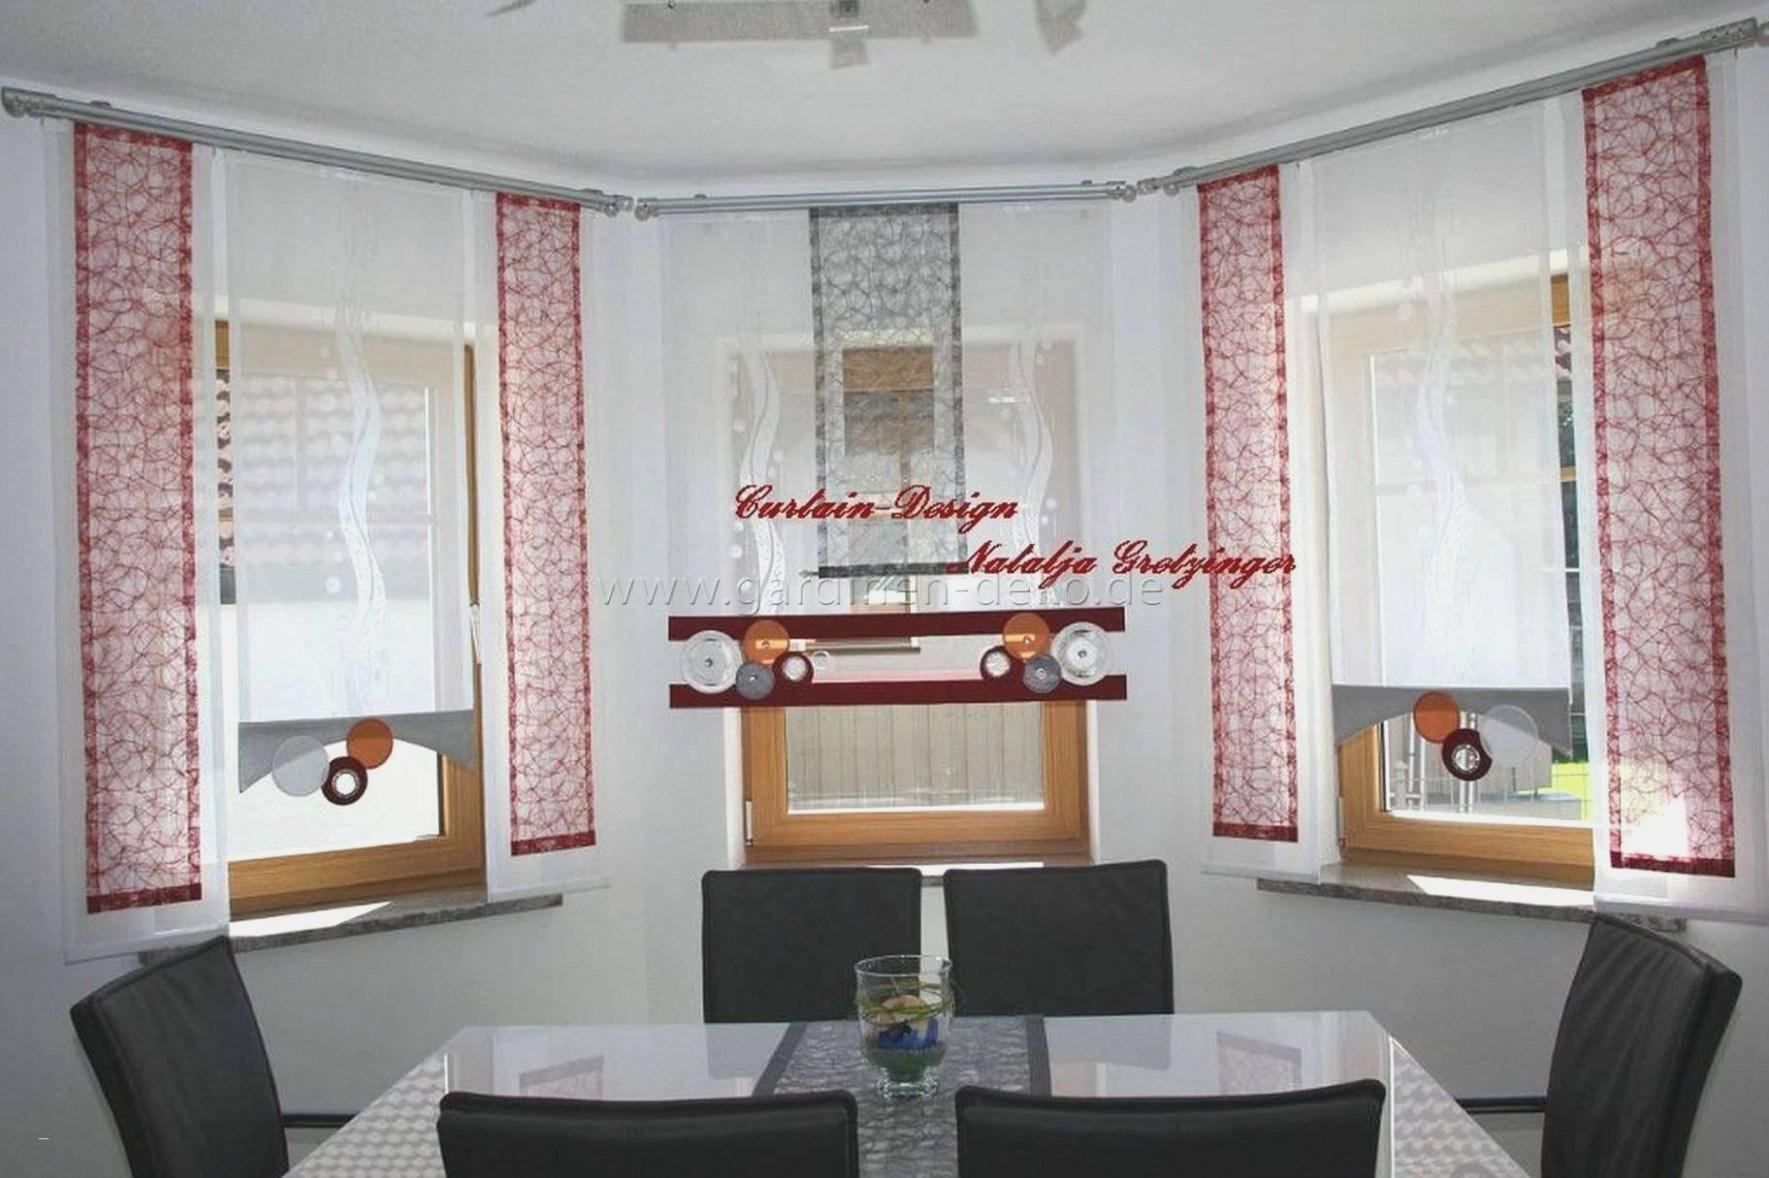 Full Size of Raffrollo Küche Modern Wohnzimmer Cream And Grey Living Room Selber Planen Arbeitstisch Aufbewahrungssystem Industrial Aufbewahrungsbehälter Spüle Wohnzimmer Raffrollo Küche Modern